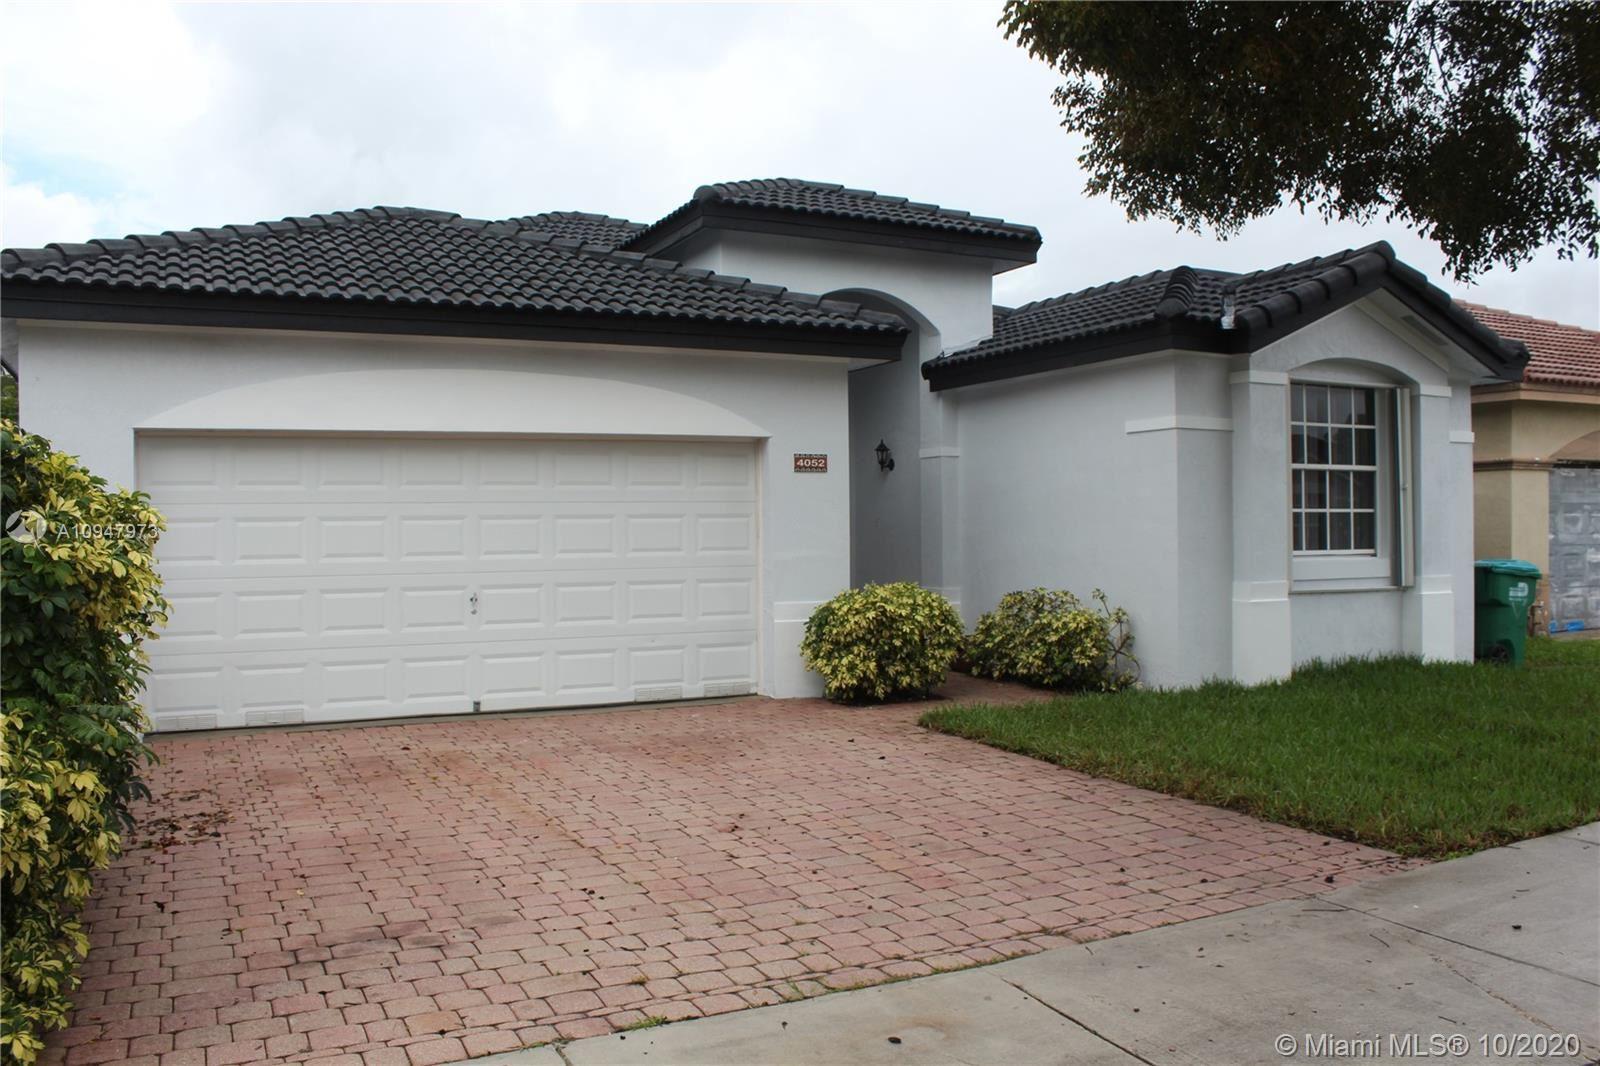 Photo of 4052 SW 154th Ct, Miami, FL 33185 (MLS # A10947973)